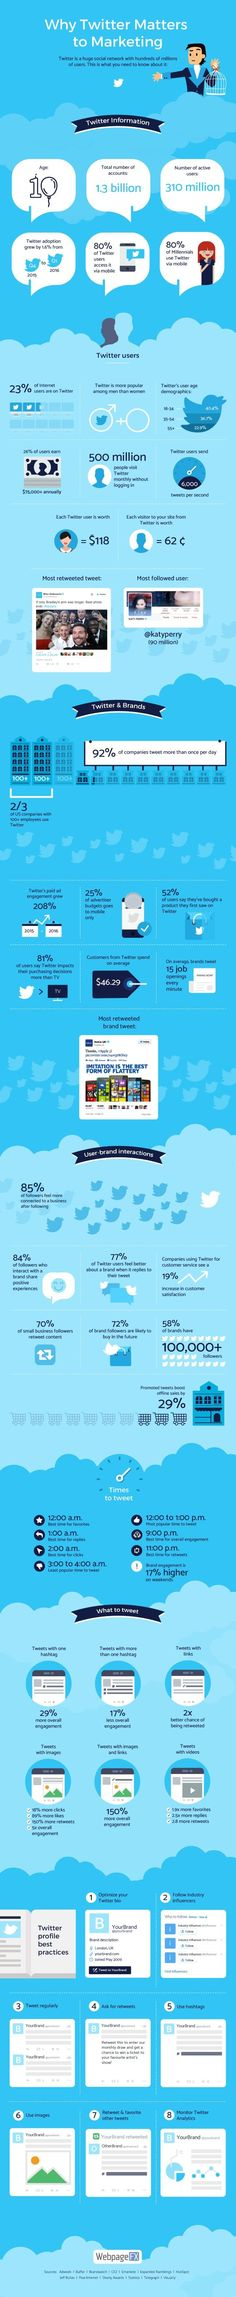 WhyTwitterMattersToMarketingInfographic